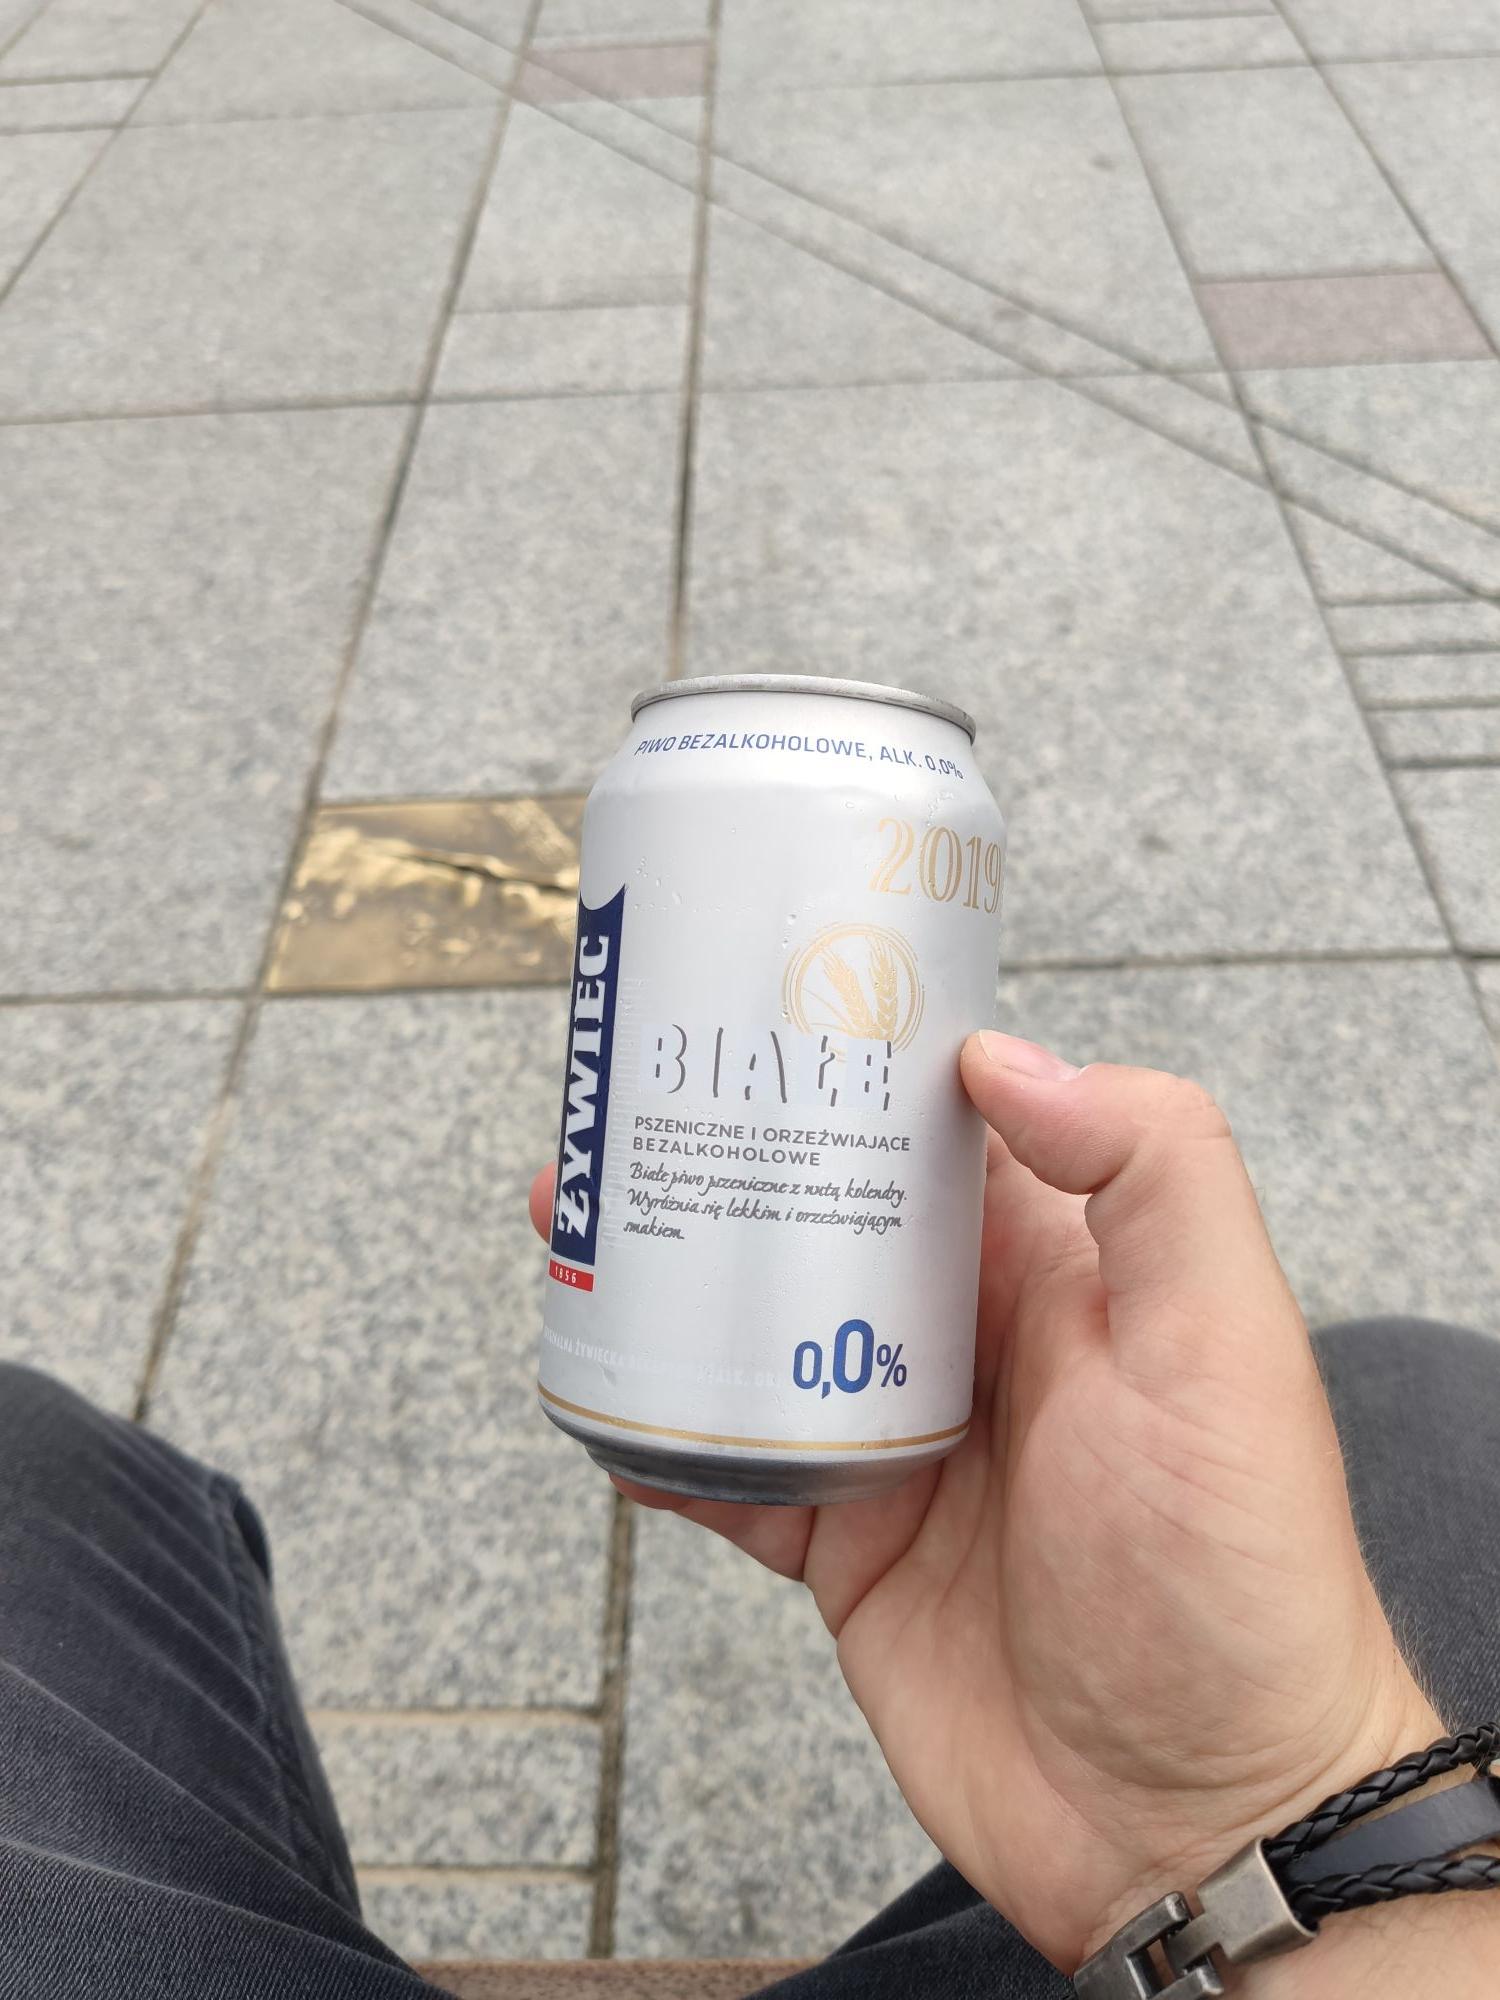 Darmowe piwo Żywiec 0.0 Międzyzdroje